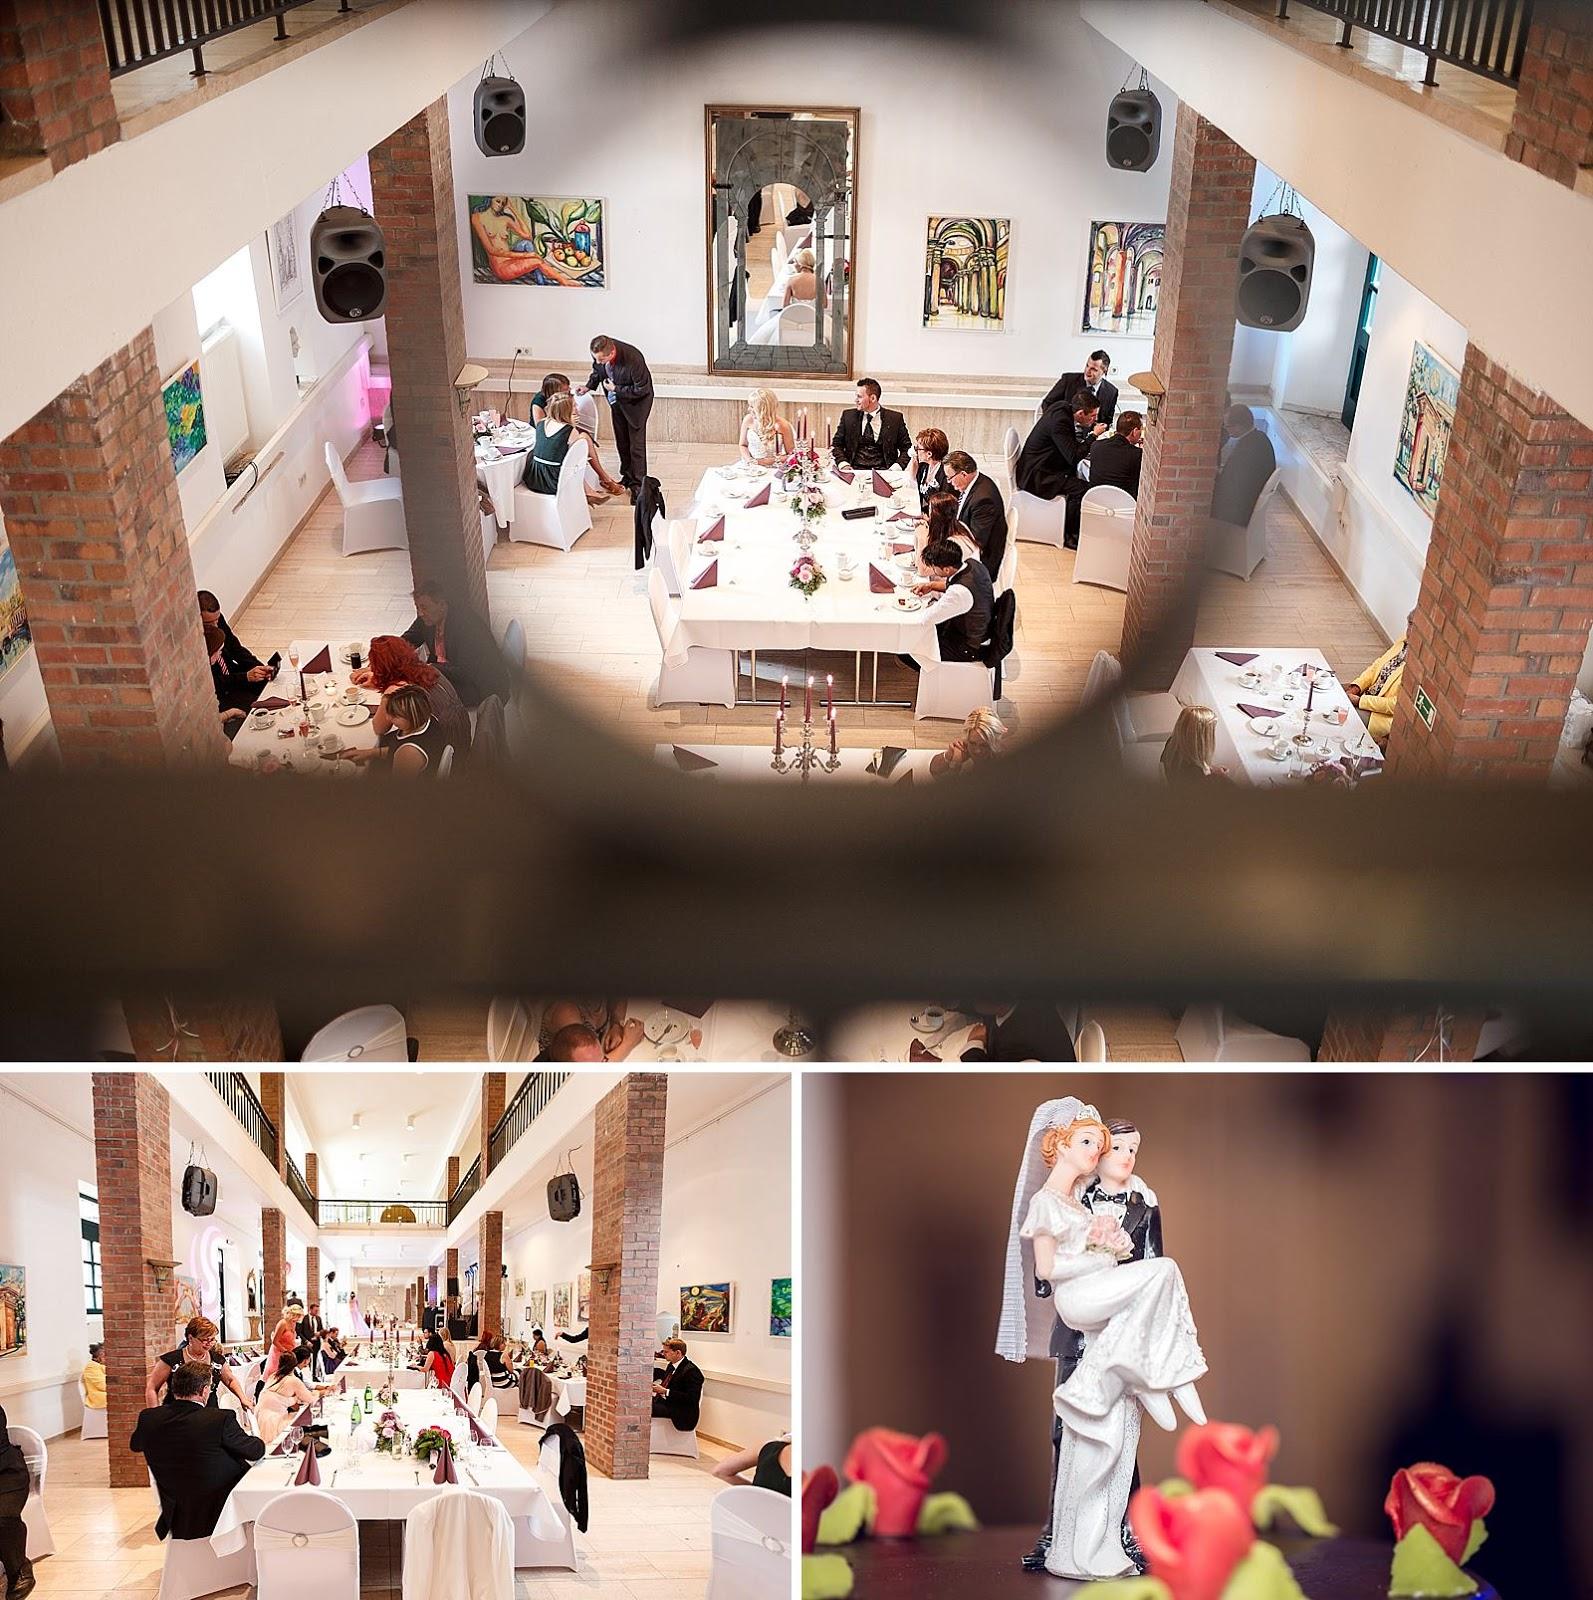 Standesamtliche Hochzeit Und Hochzeitsfeier Von Stefanie Und Manuel